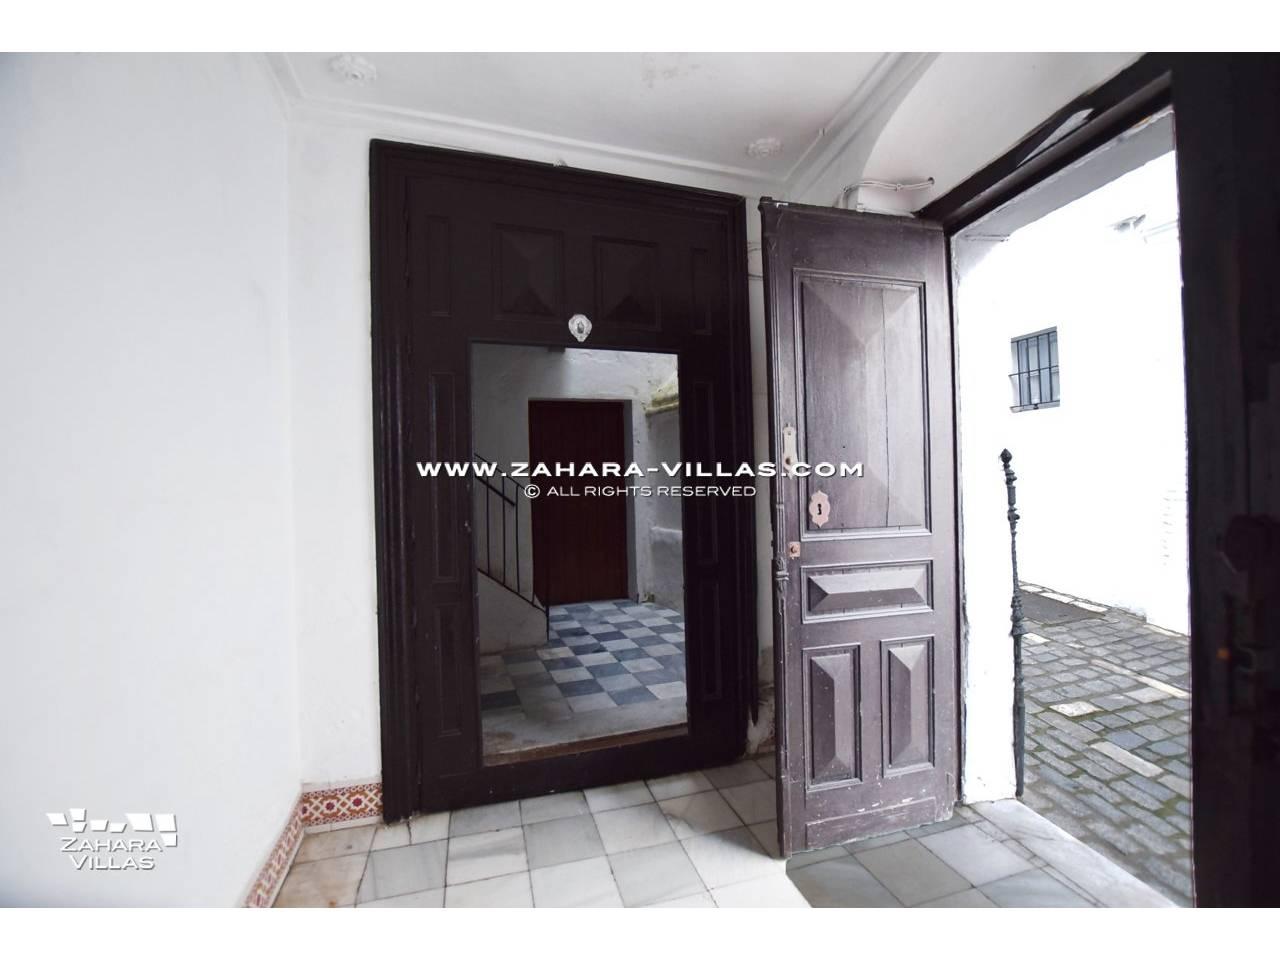 Imagen 4 de Historic buildings for sale in Vejer de la Frontera are sold